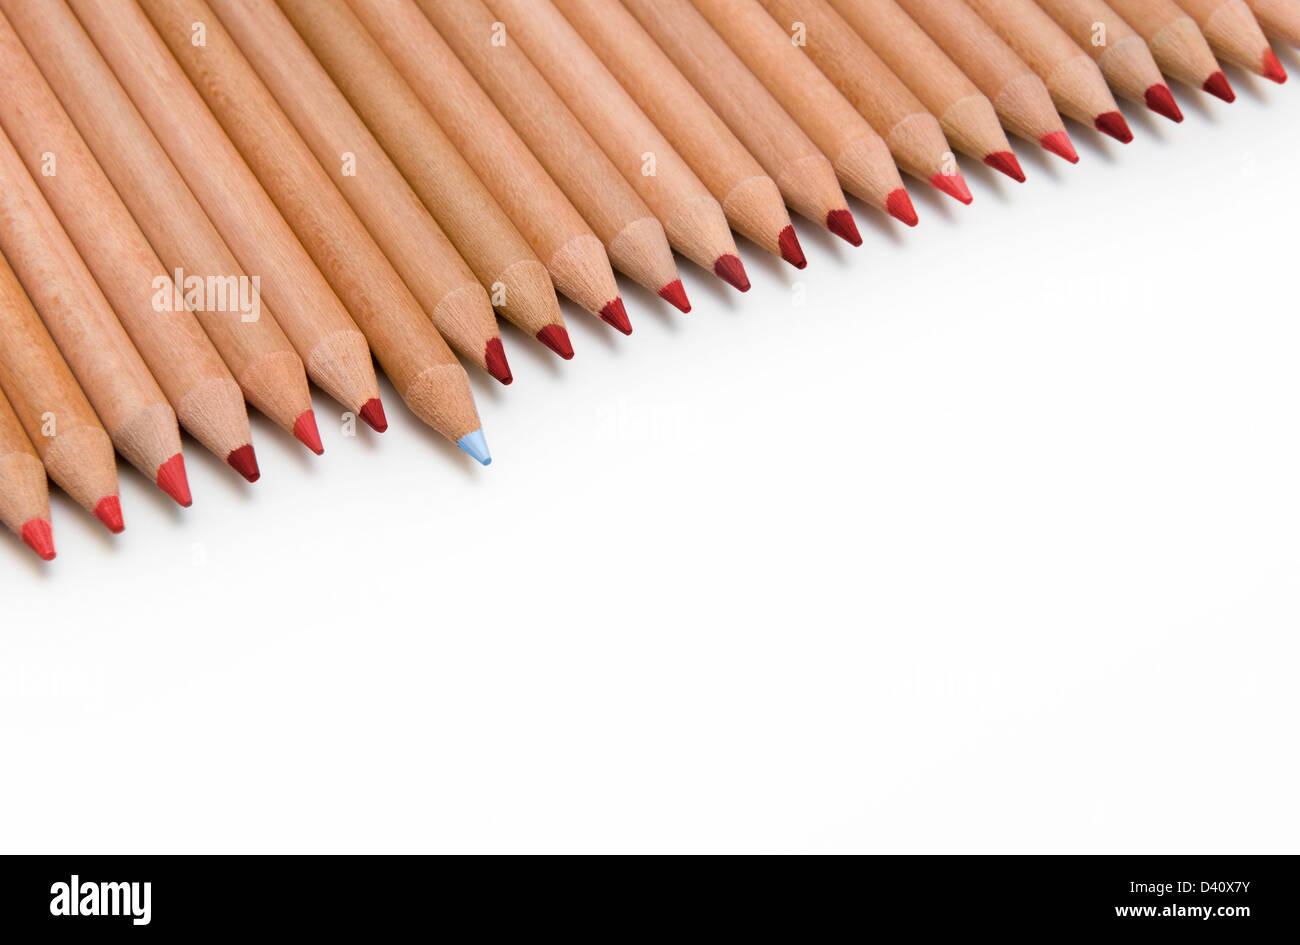 Línea de lápices de color rojo con un lápiz azul sobresalen - concepto de diferencia Imagen De Stock